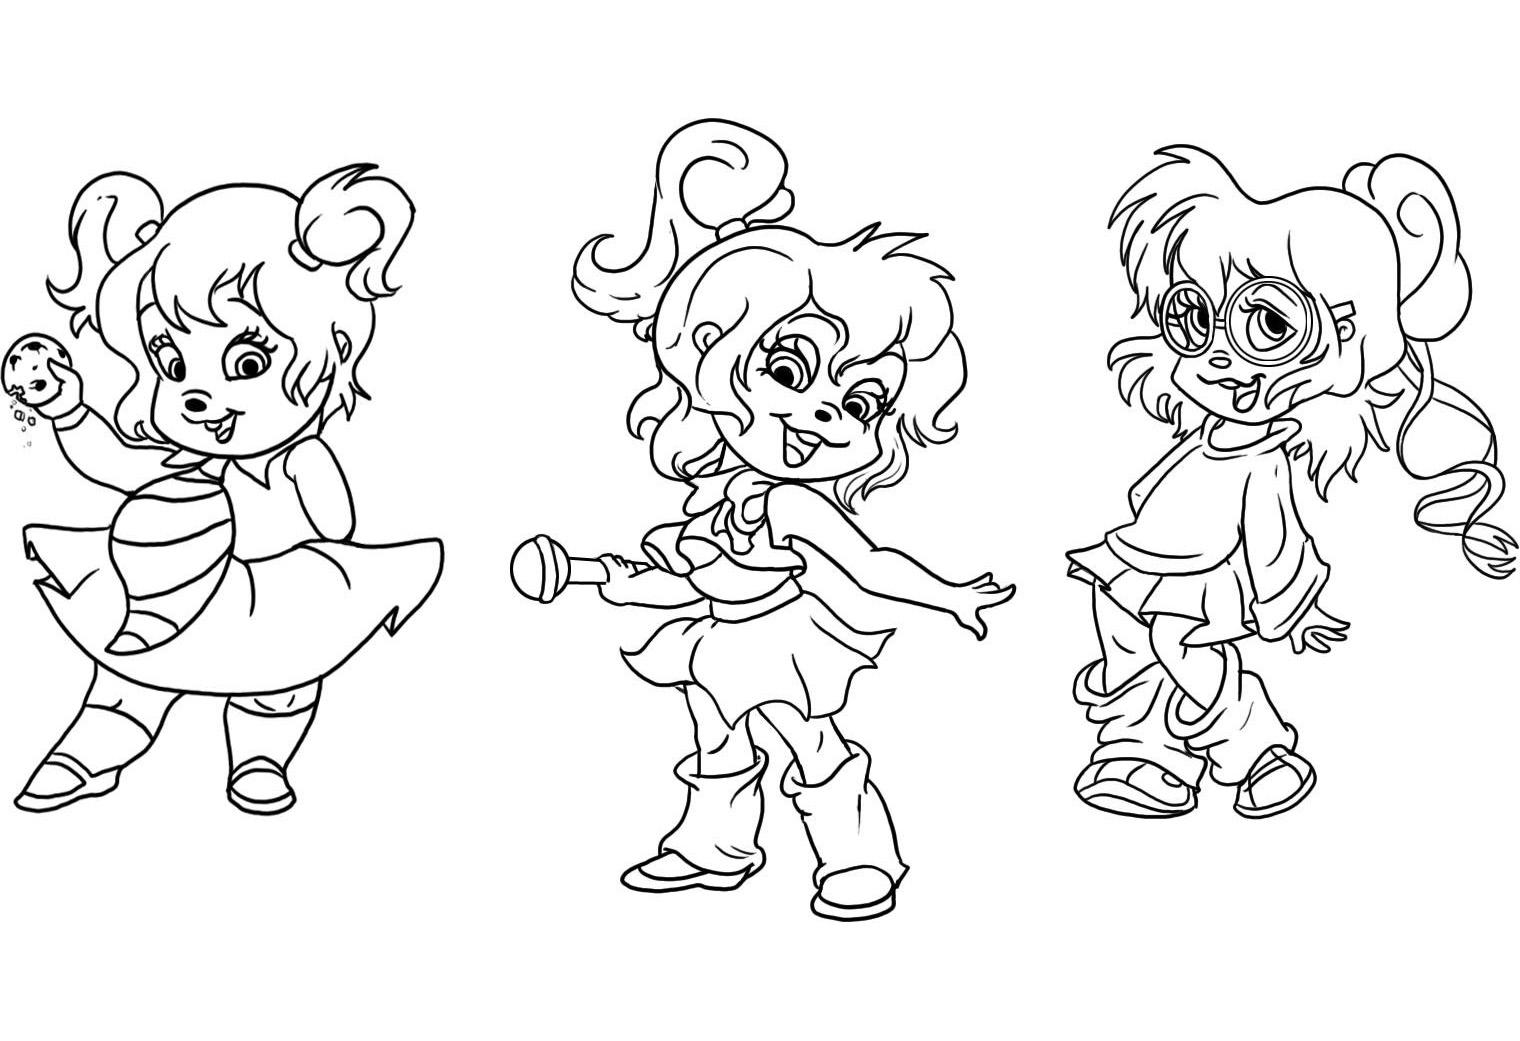 Alvin et les chipmunks 5 coloriage alvin et les chipmunks coloriages pour enfants - Coloriage alvin et les chipmunks simon ...